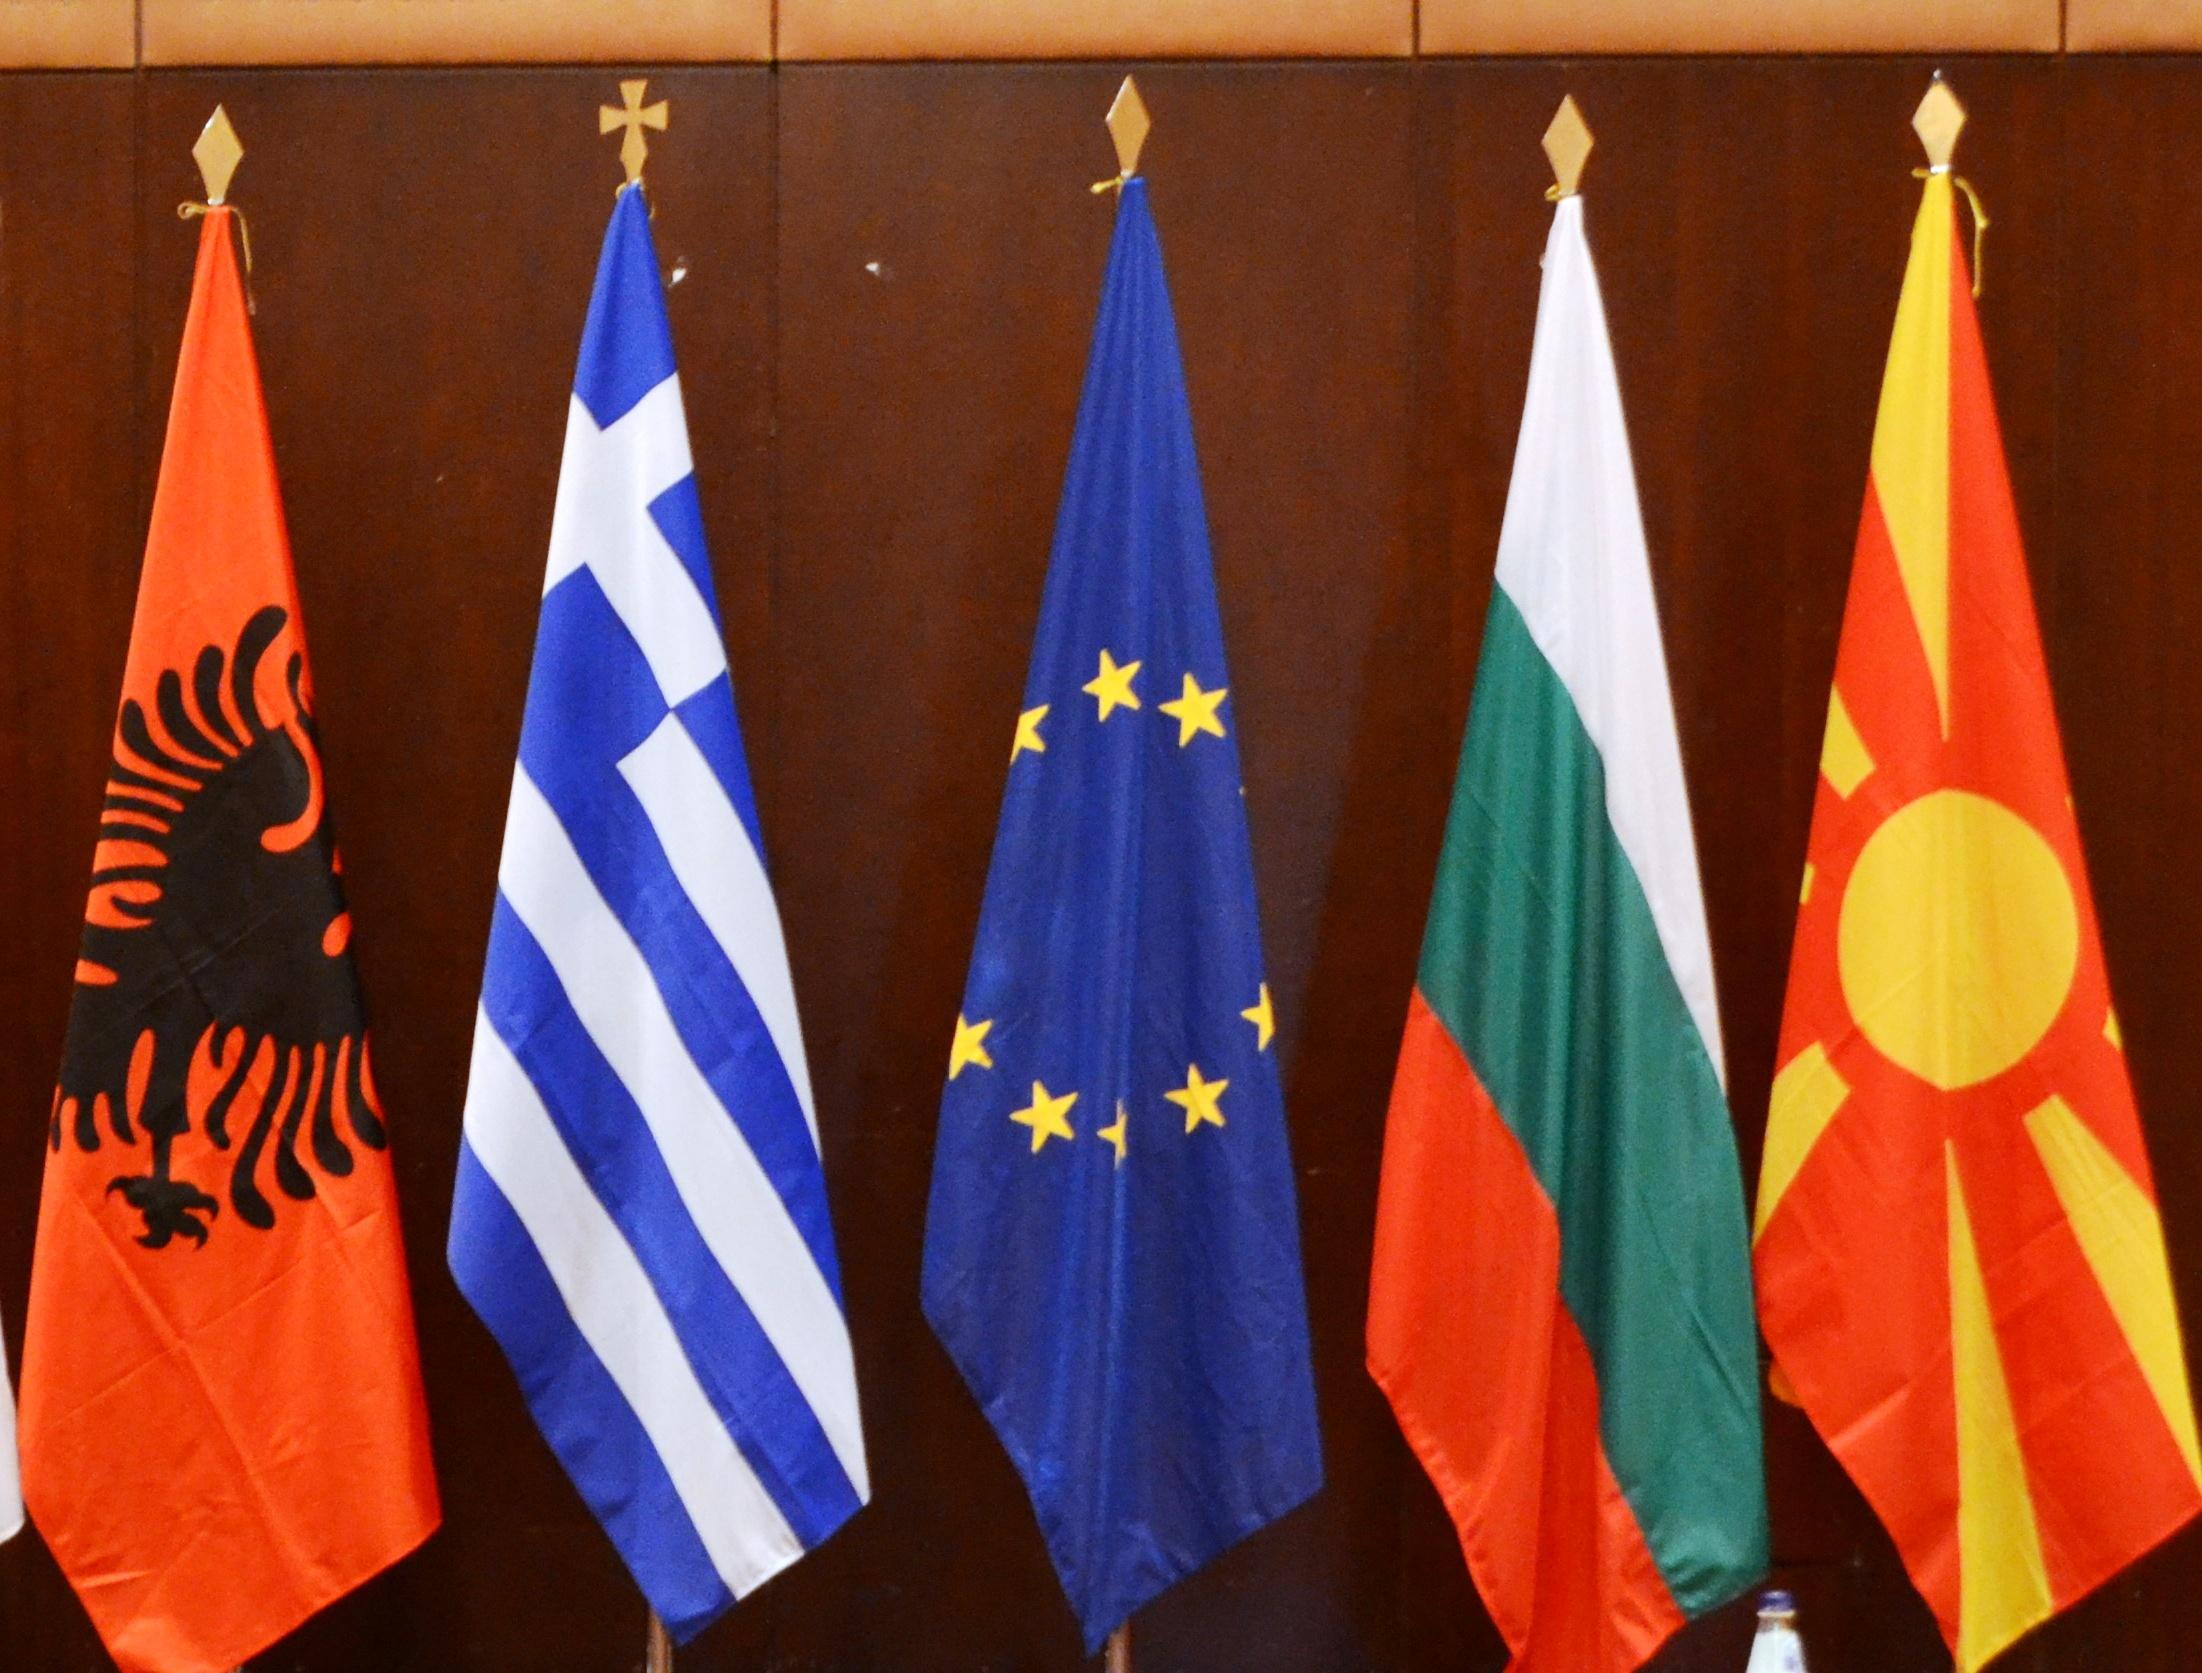 Οικοδόμηση πολυεπίπεδης συνεργασίας στη ΝΑ Ευρώπη η 3η Διασυνοριακή Συνεργασία